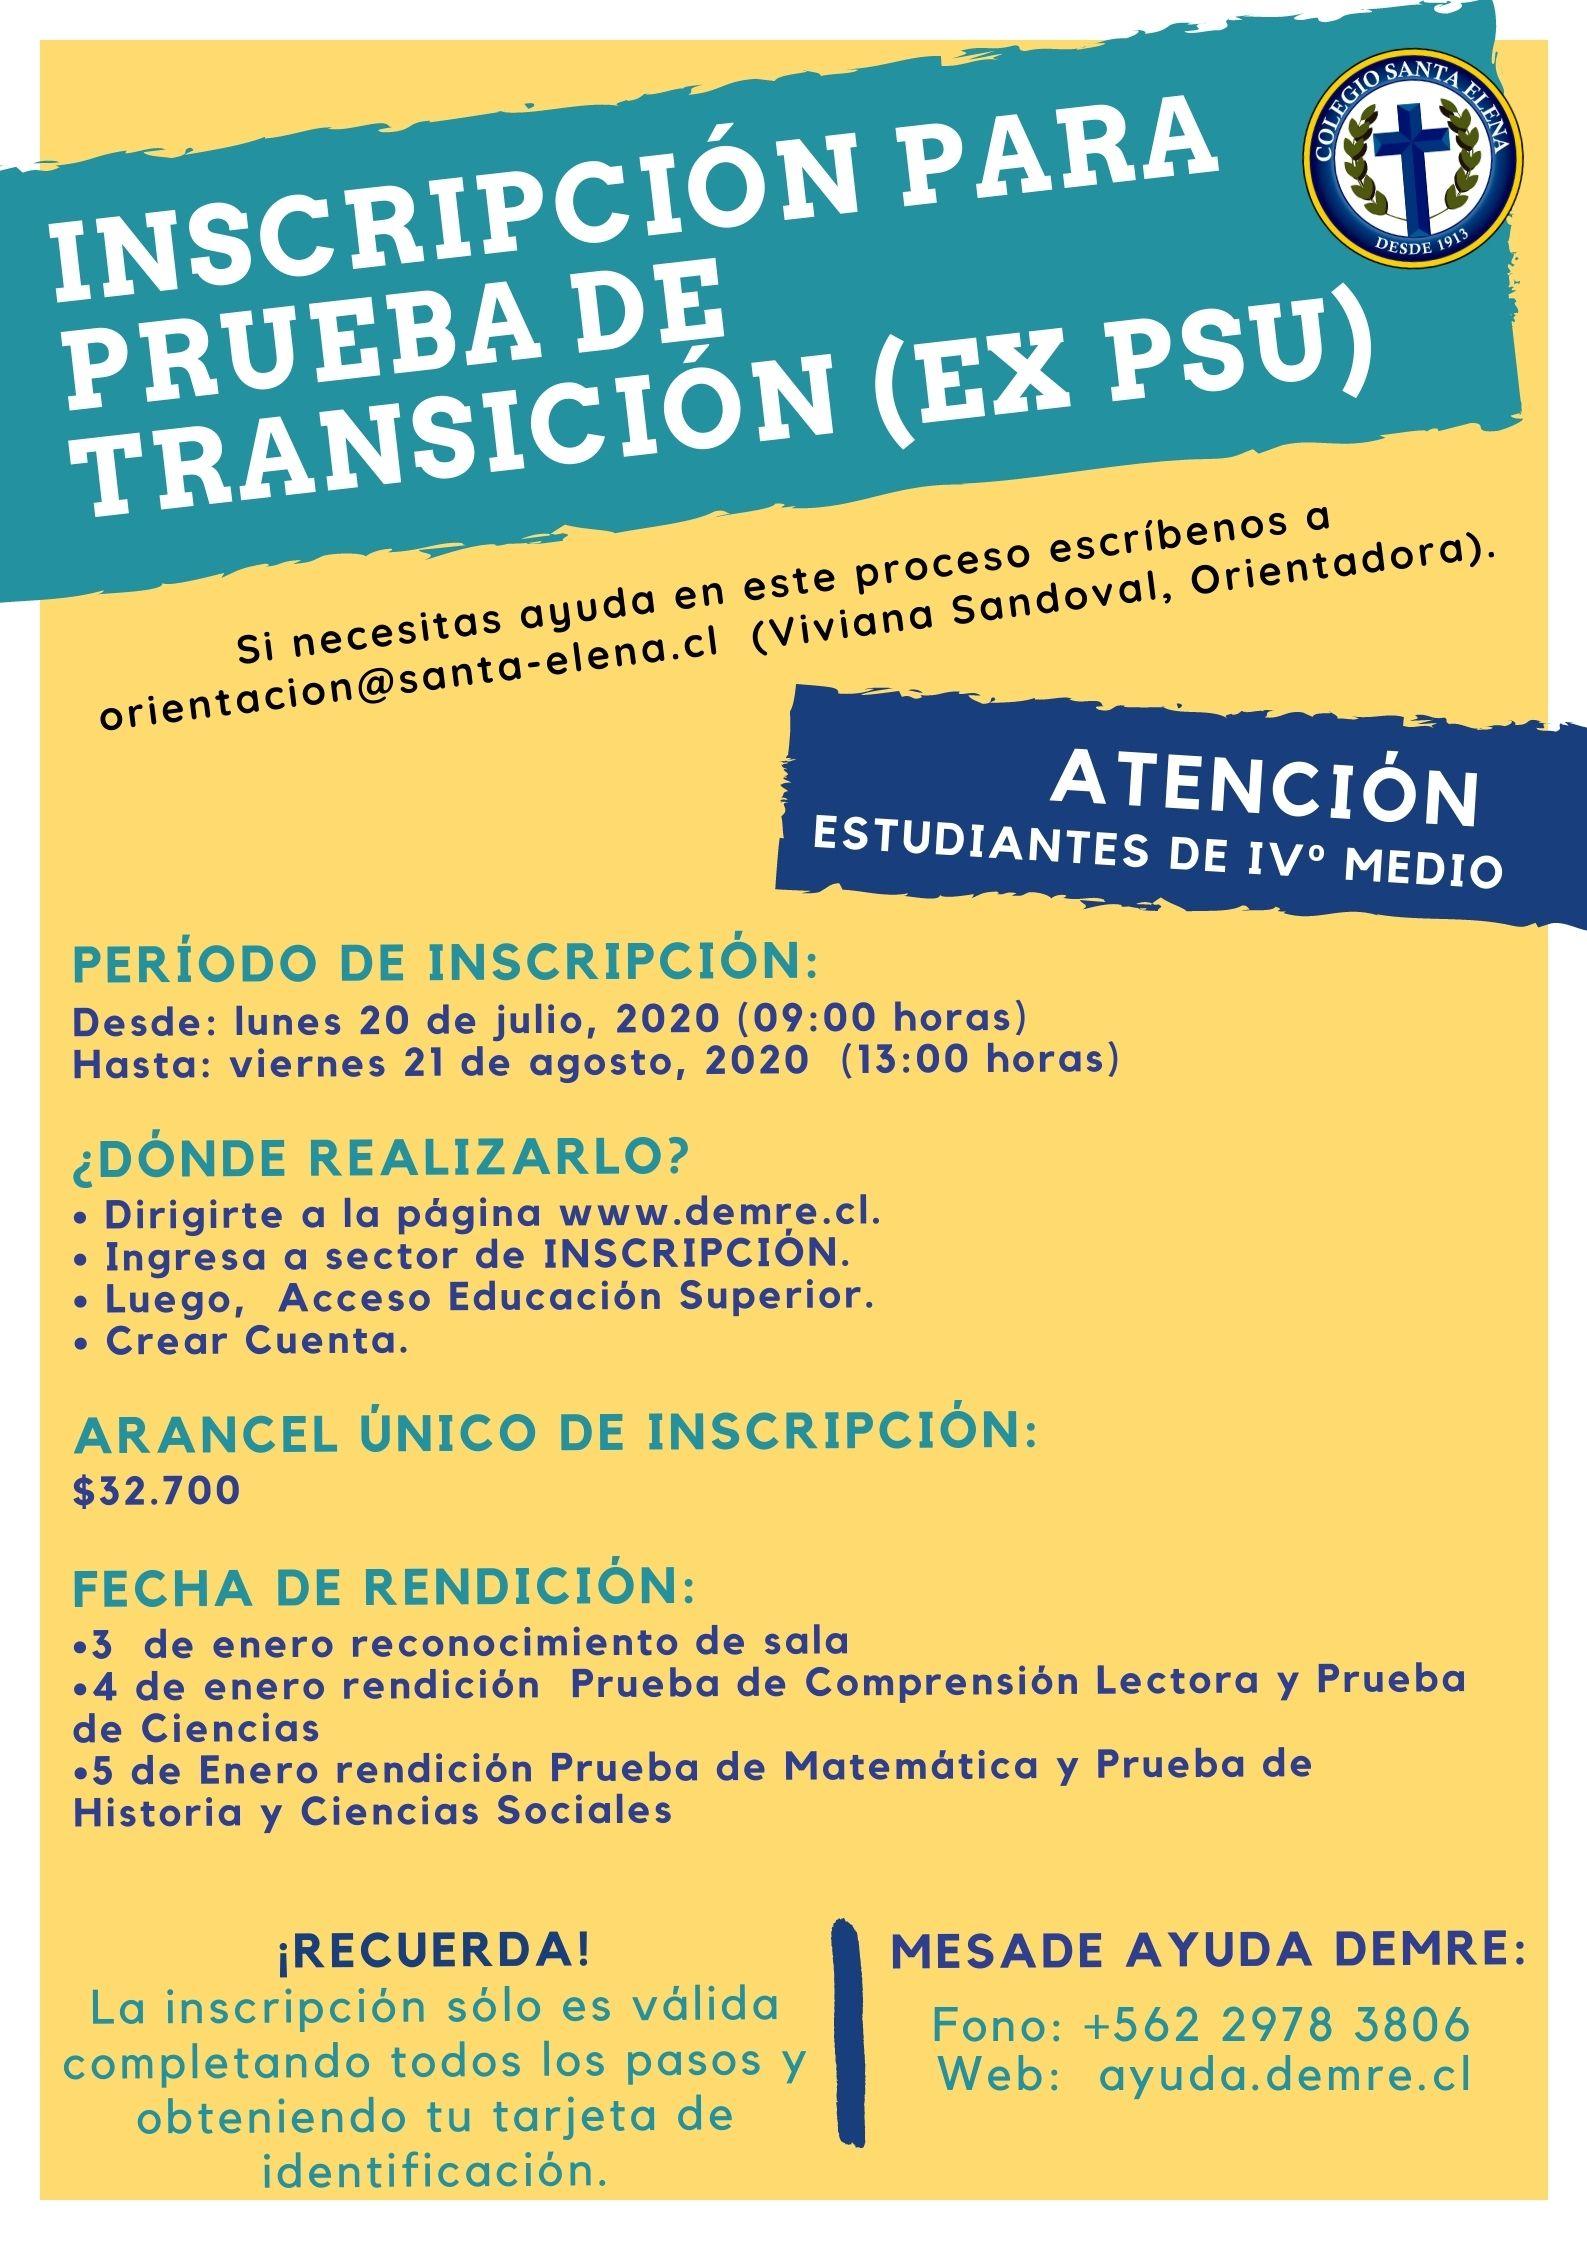 Inscripción para Prueba de Transición - 22/07